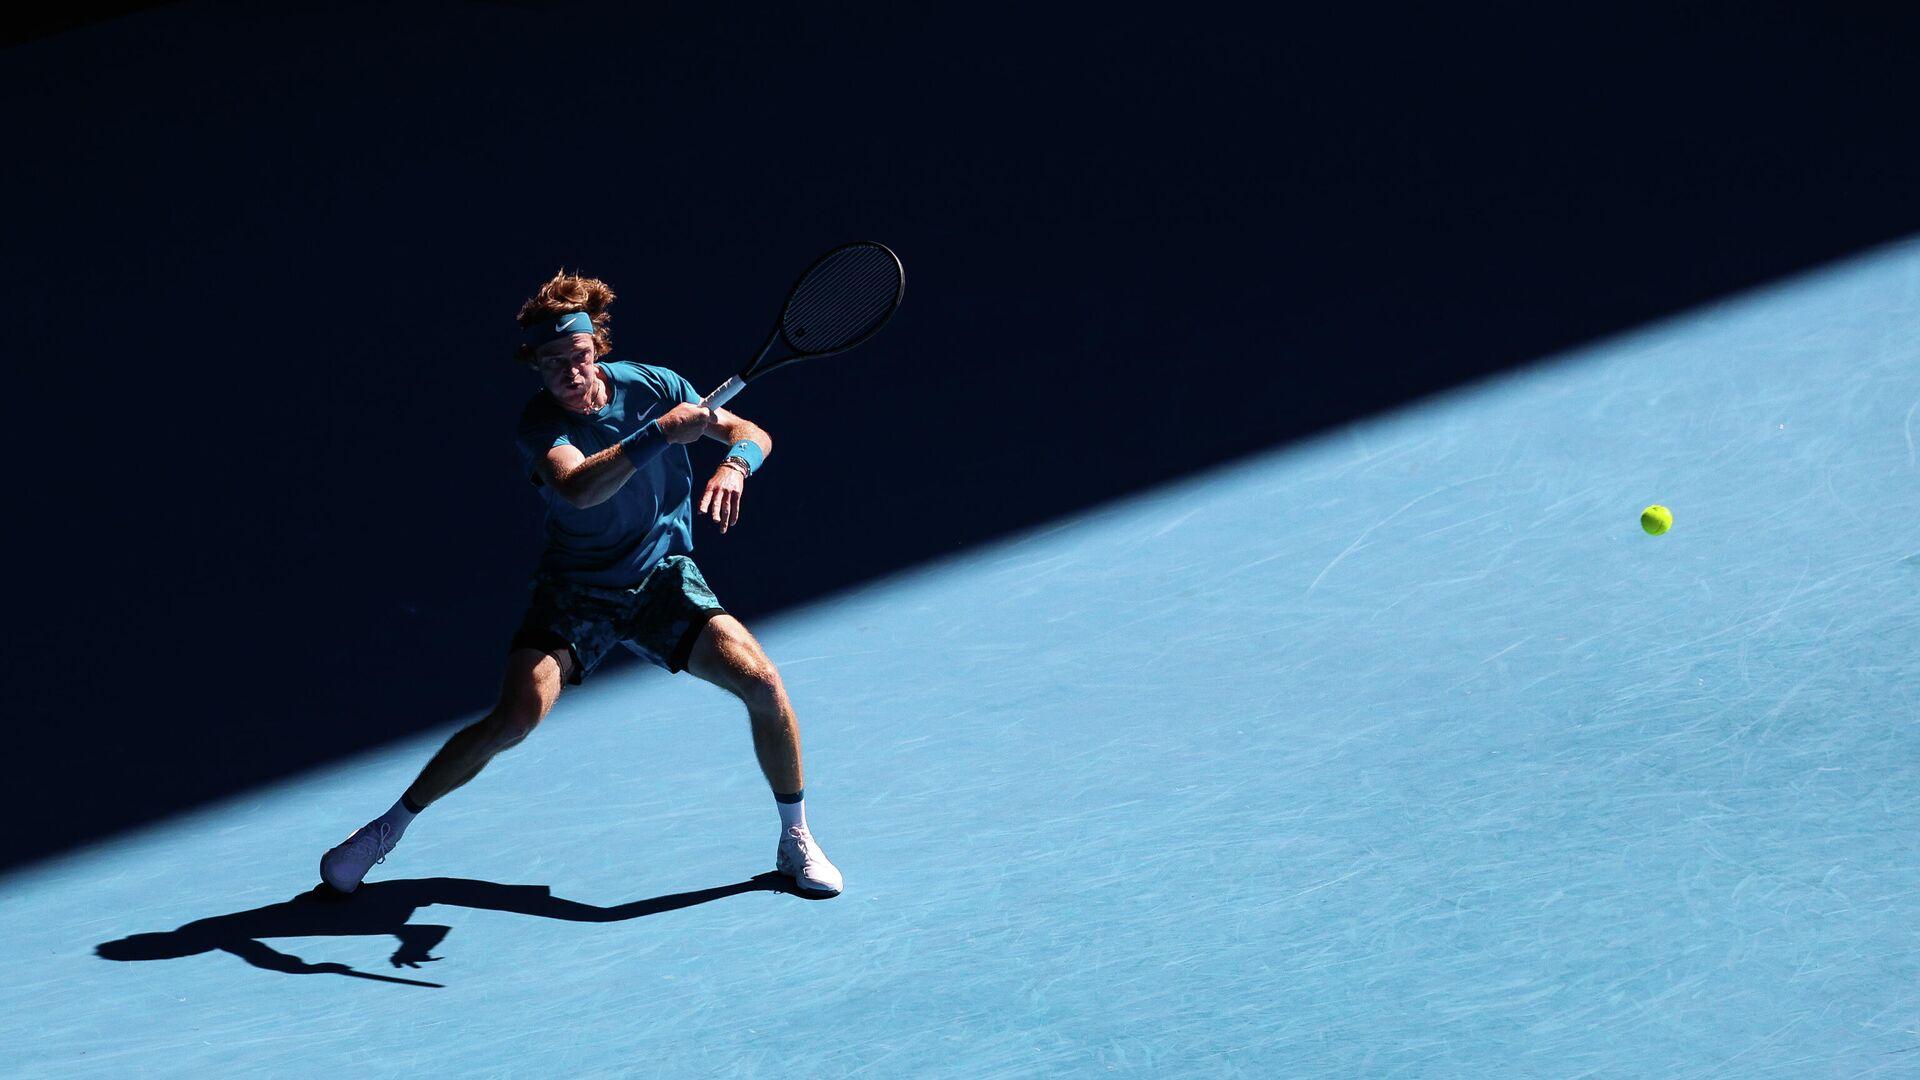 Андрей Рублёв в четвертьфинальном матче Открытого чемпионата Австралии 2021 (Australian Open 2021) - РИА Новости, 1920, 06.03.2021